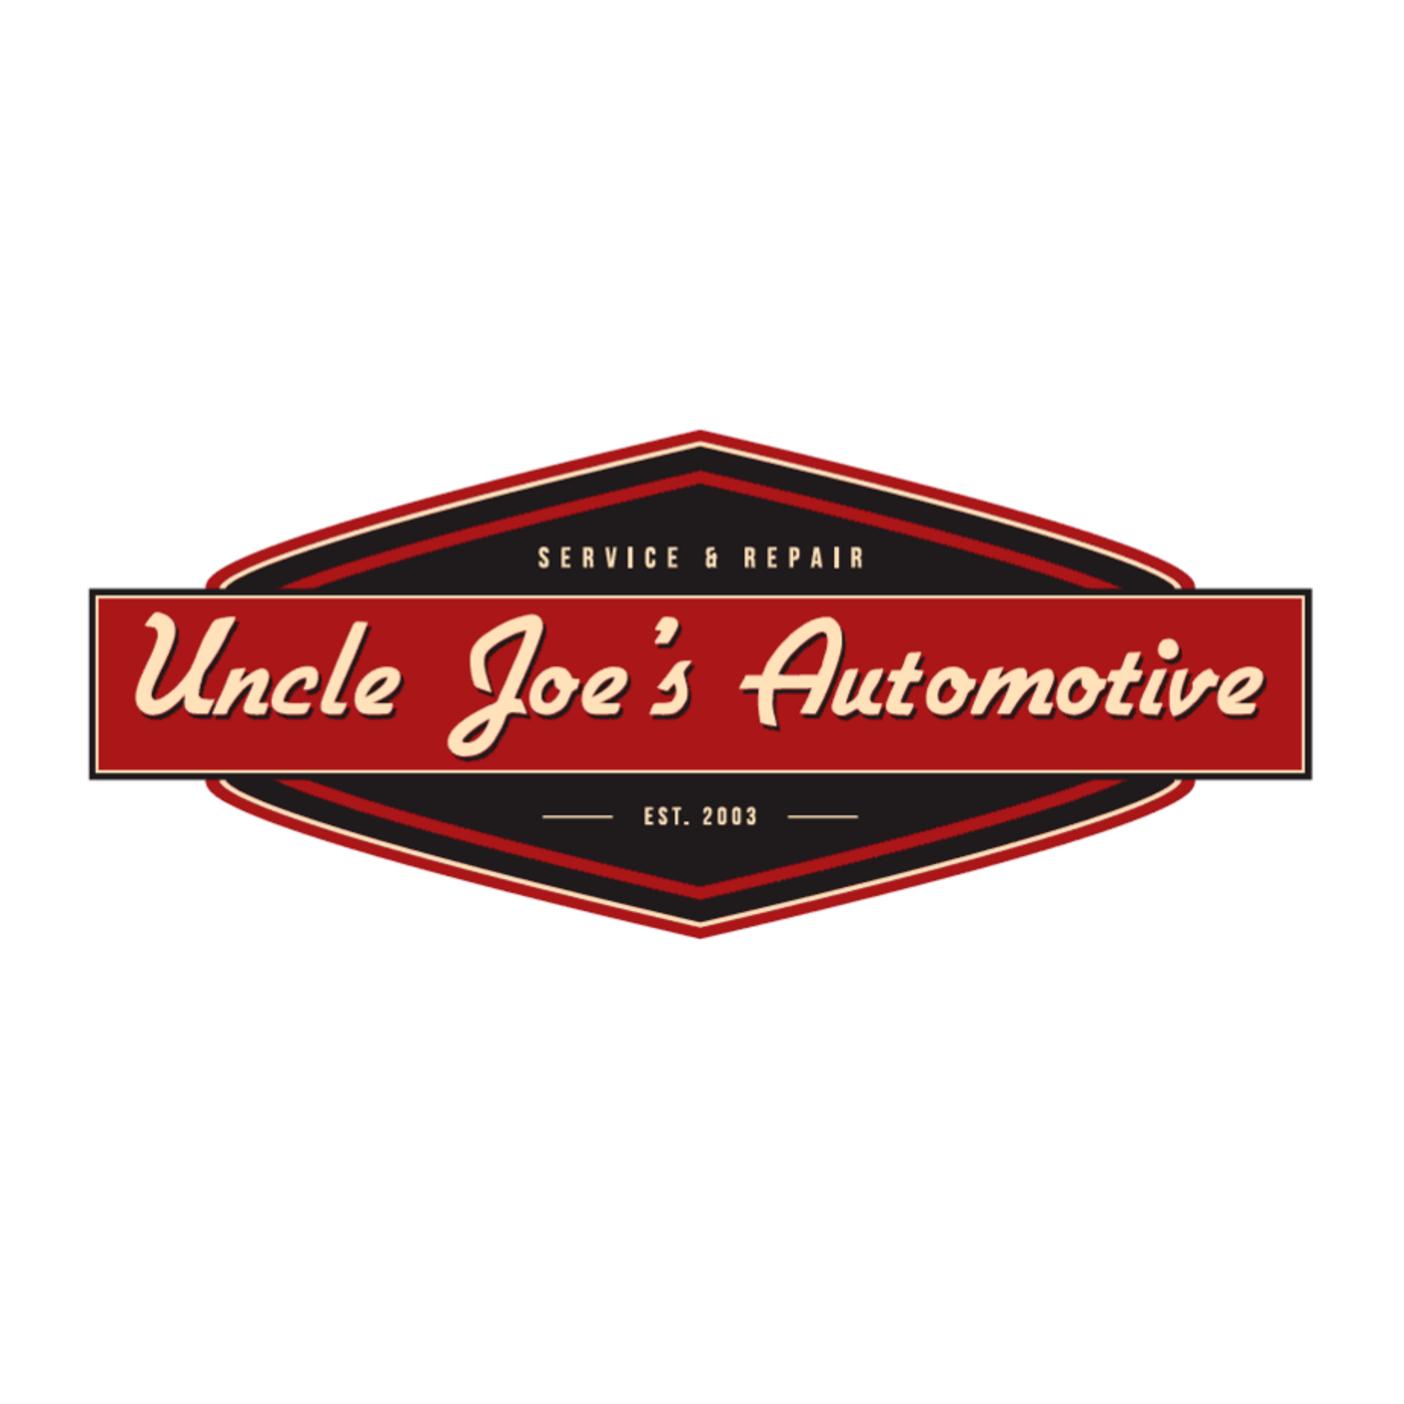 Uncle Joe's Automotive